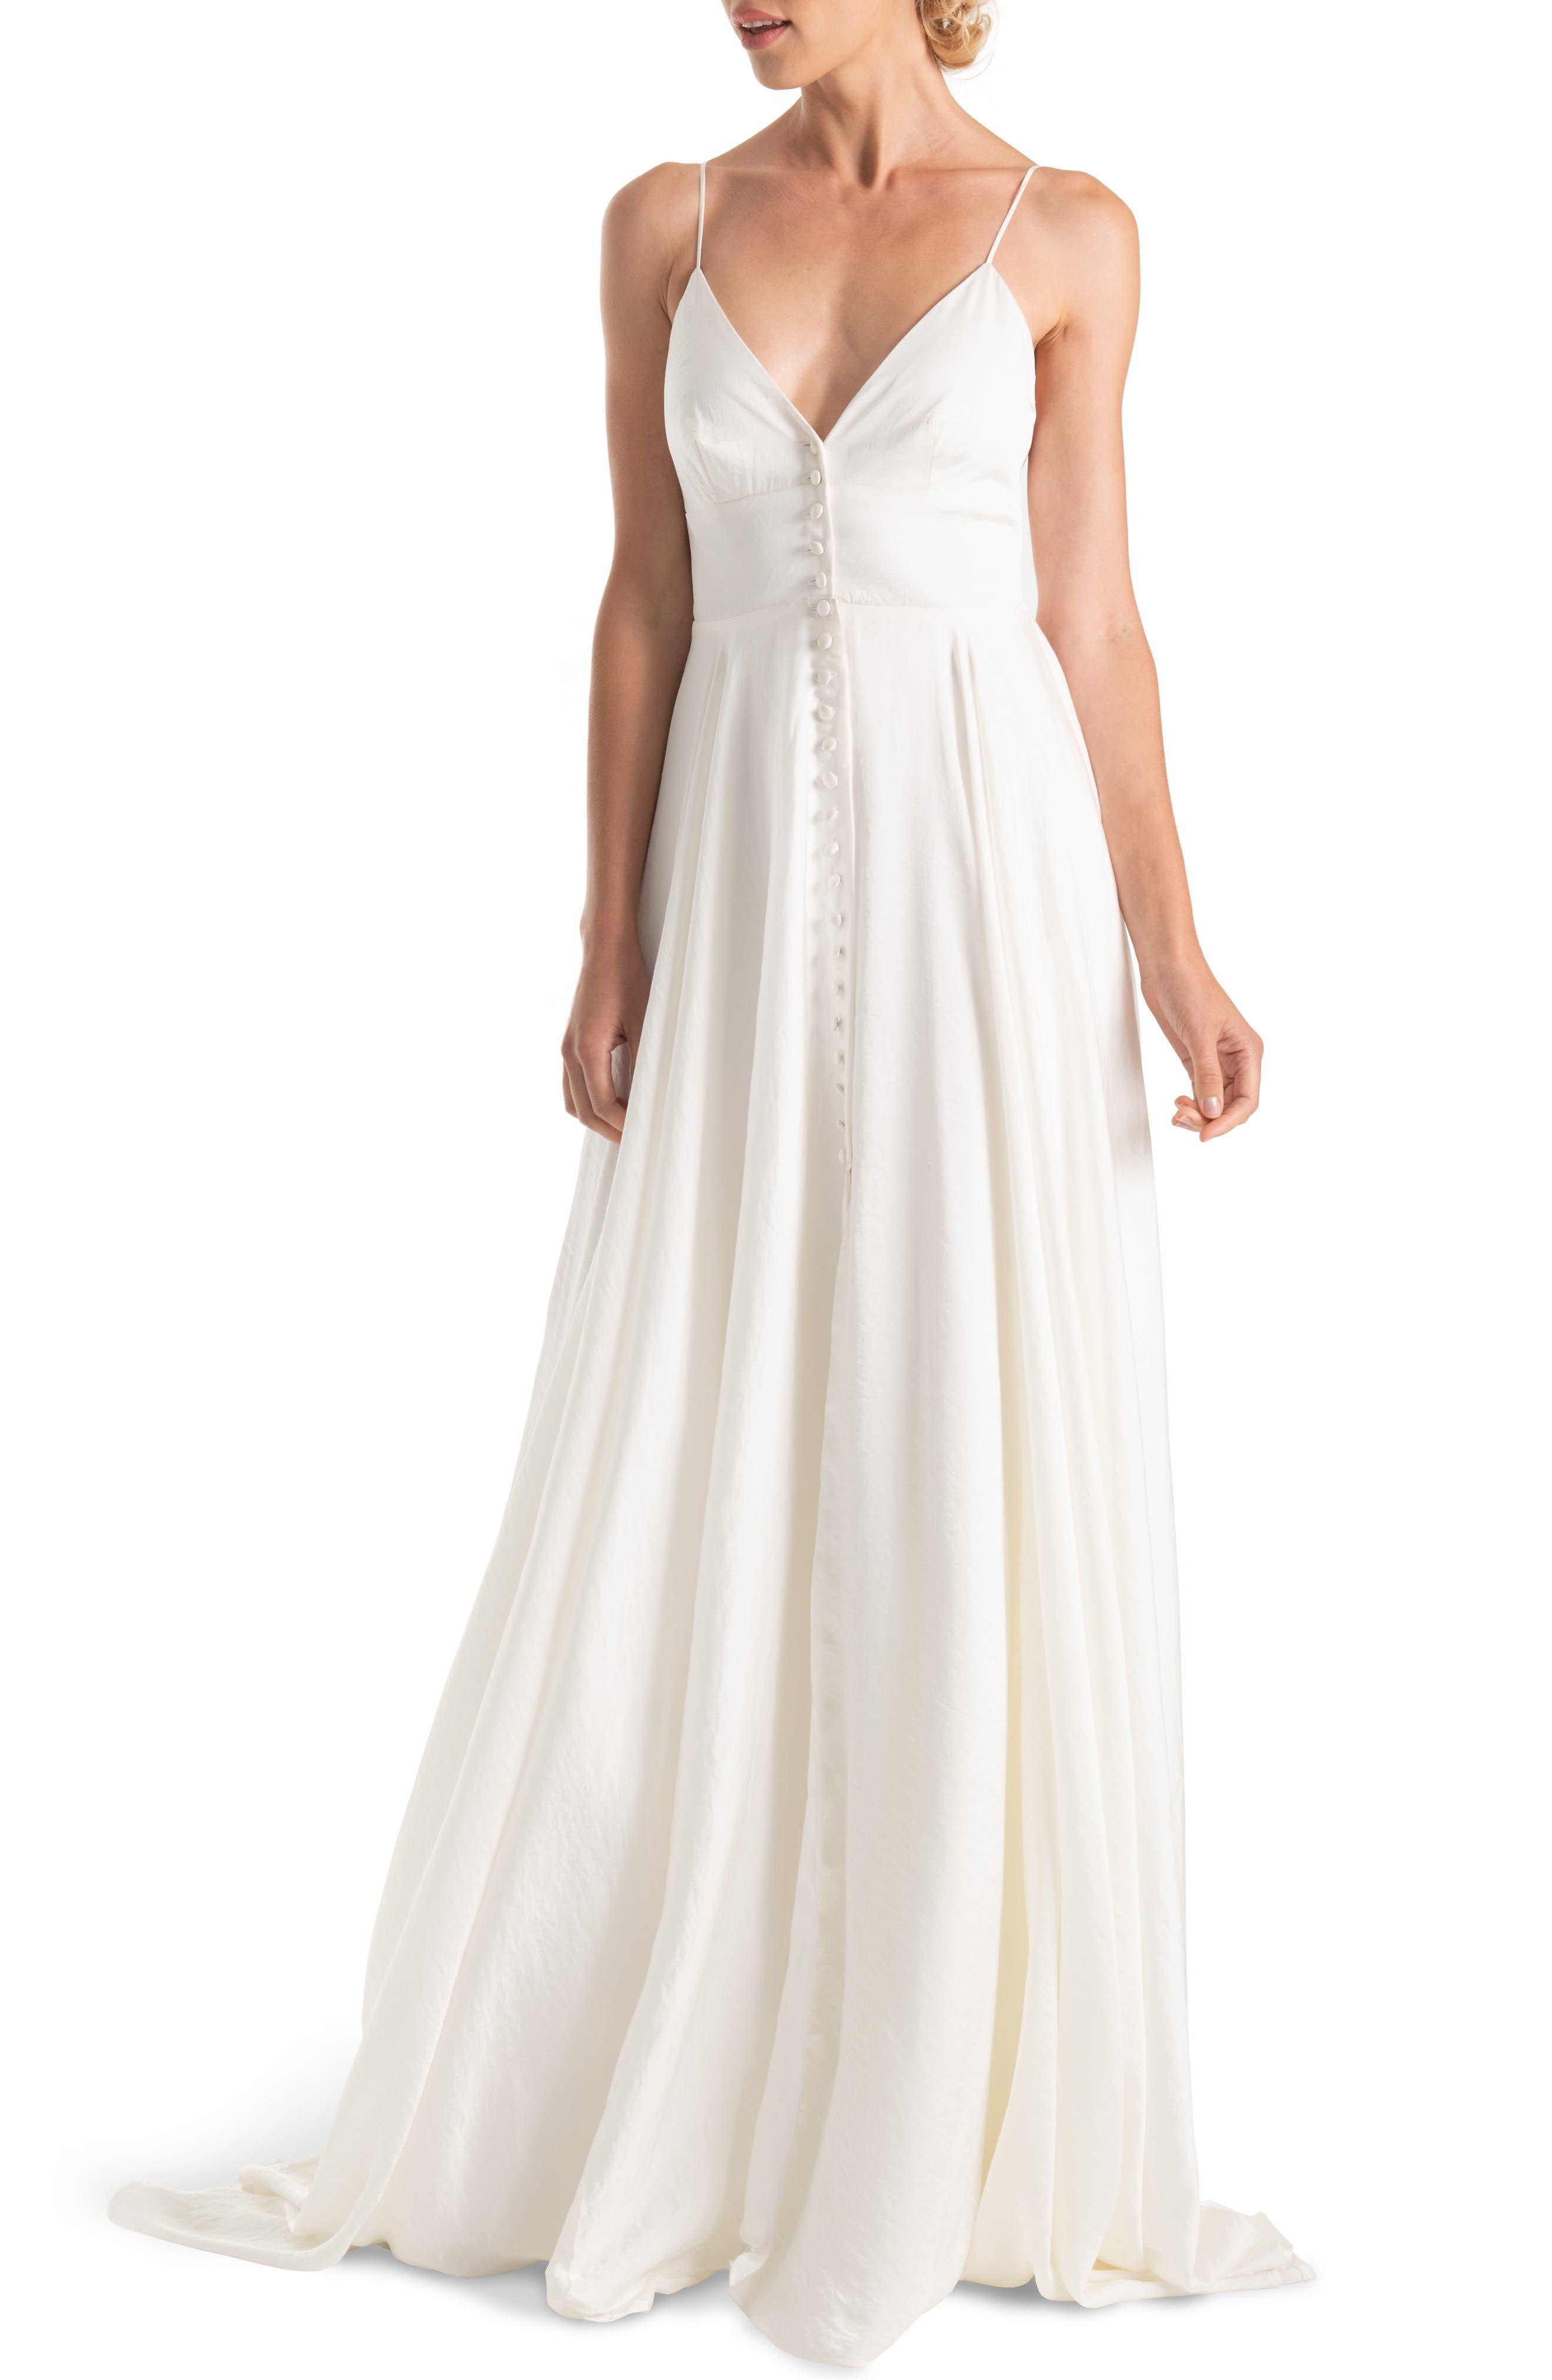 Joplin Slit Front A-Line Wedding Dress in White